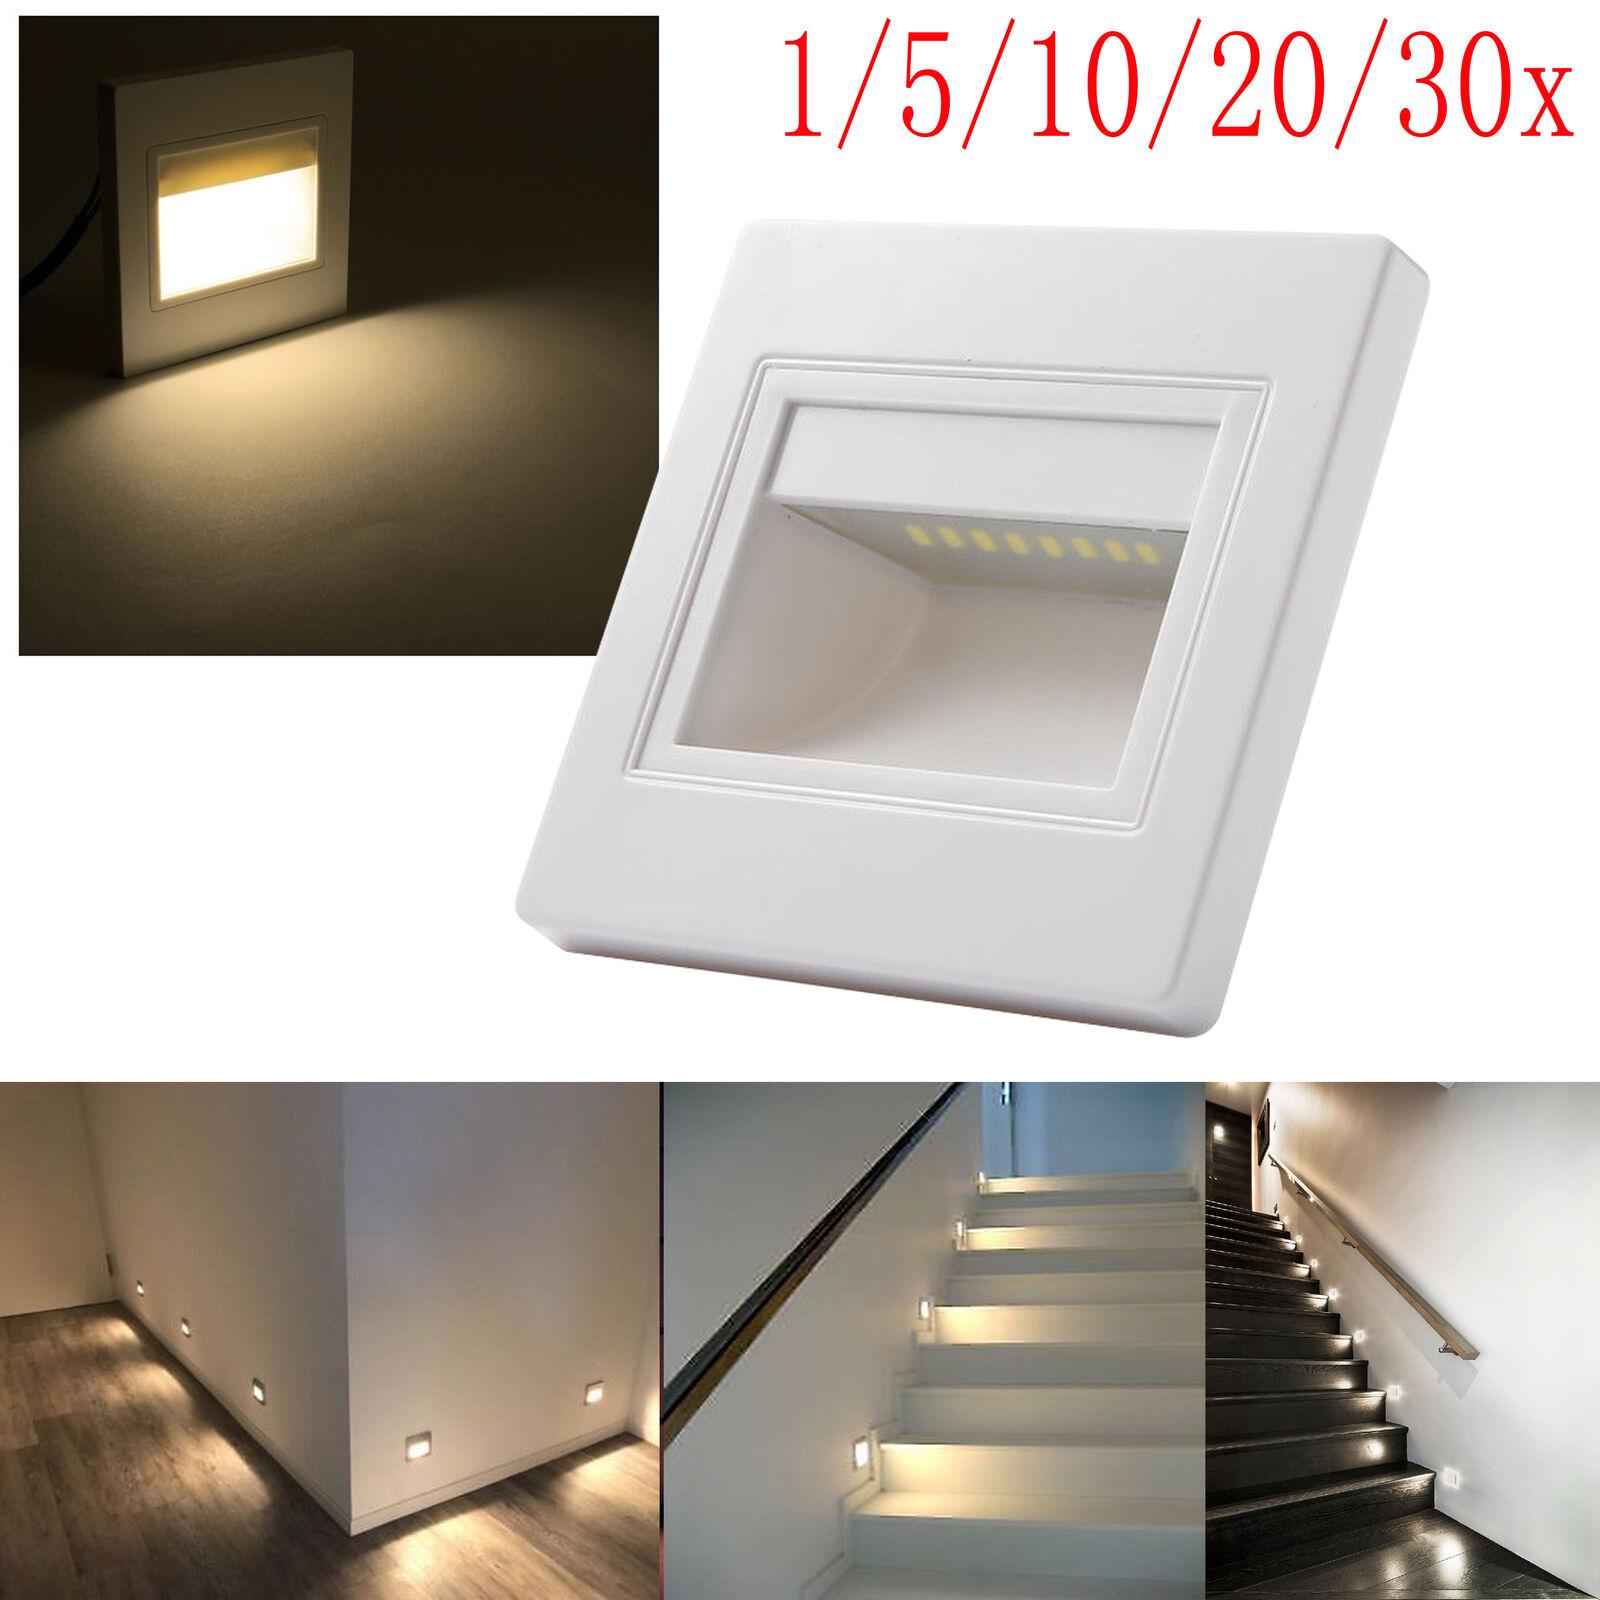 0,6W Warmweiß LED-Lampe Treppen & Wandeinbauleuchte Stufenleuchte Licht 230V   | Luxus  | Perfekt In Verarbeitung  | Preisreduktion